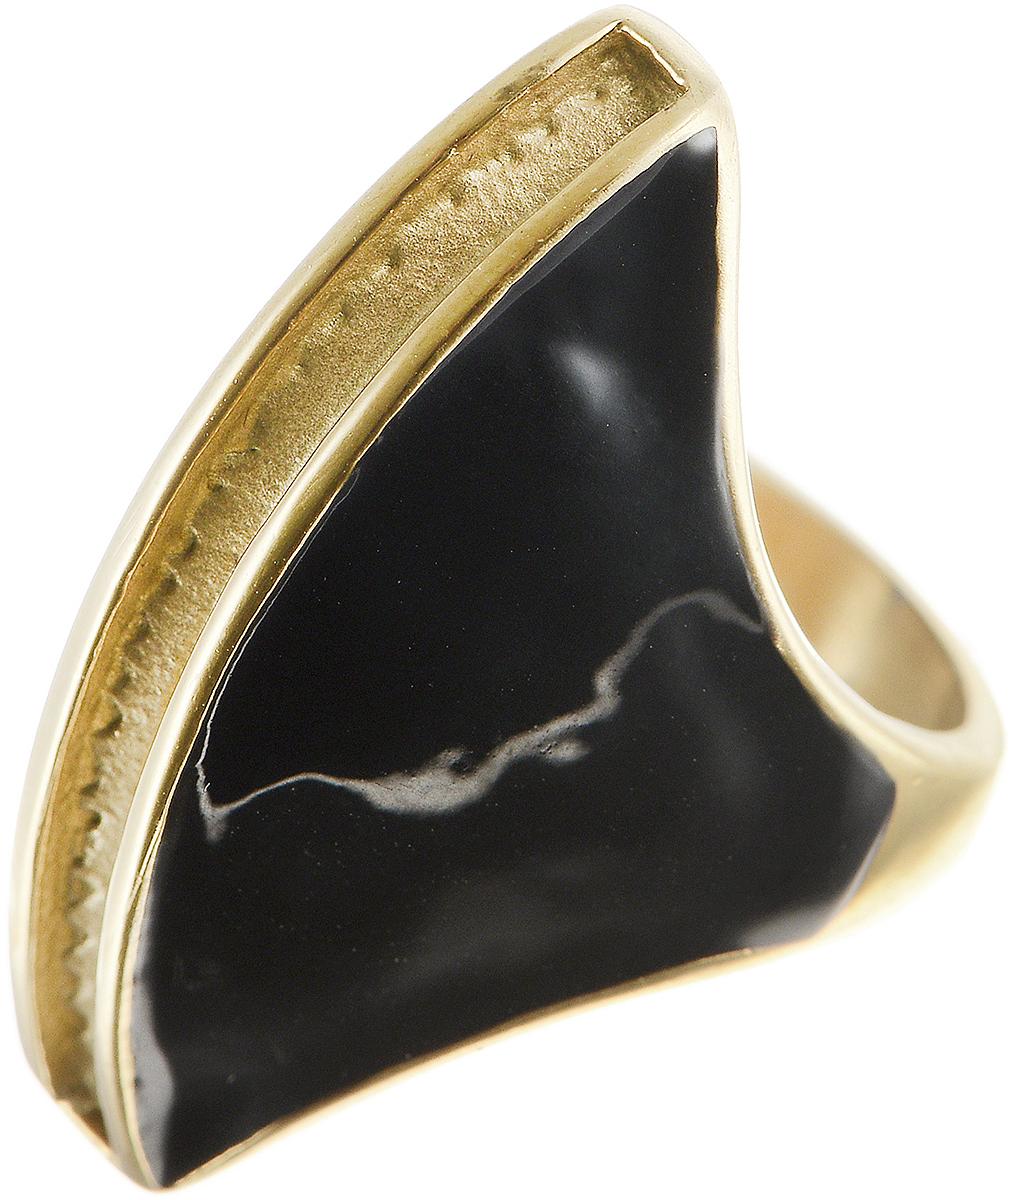 Кольцо Polina Selezneva, цвет: золотистый, черный. DG-0025. Размер 18DG-0025-08Стильное кольцо Polina Selezneva изготовлено из латуни и выполнено в оригинальном дизайне. Декоративная часть оформлена вставкой из эмали.